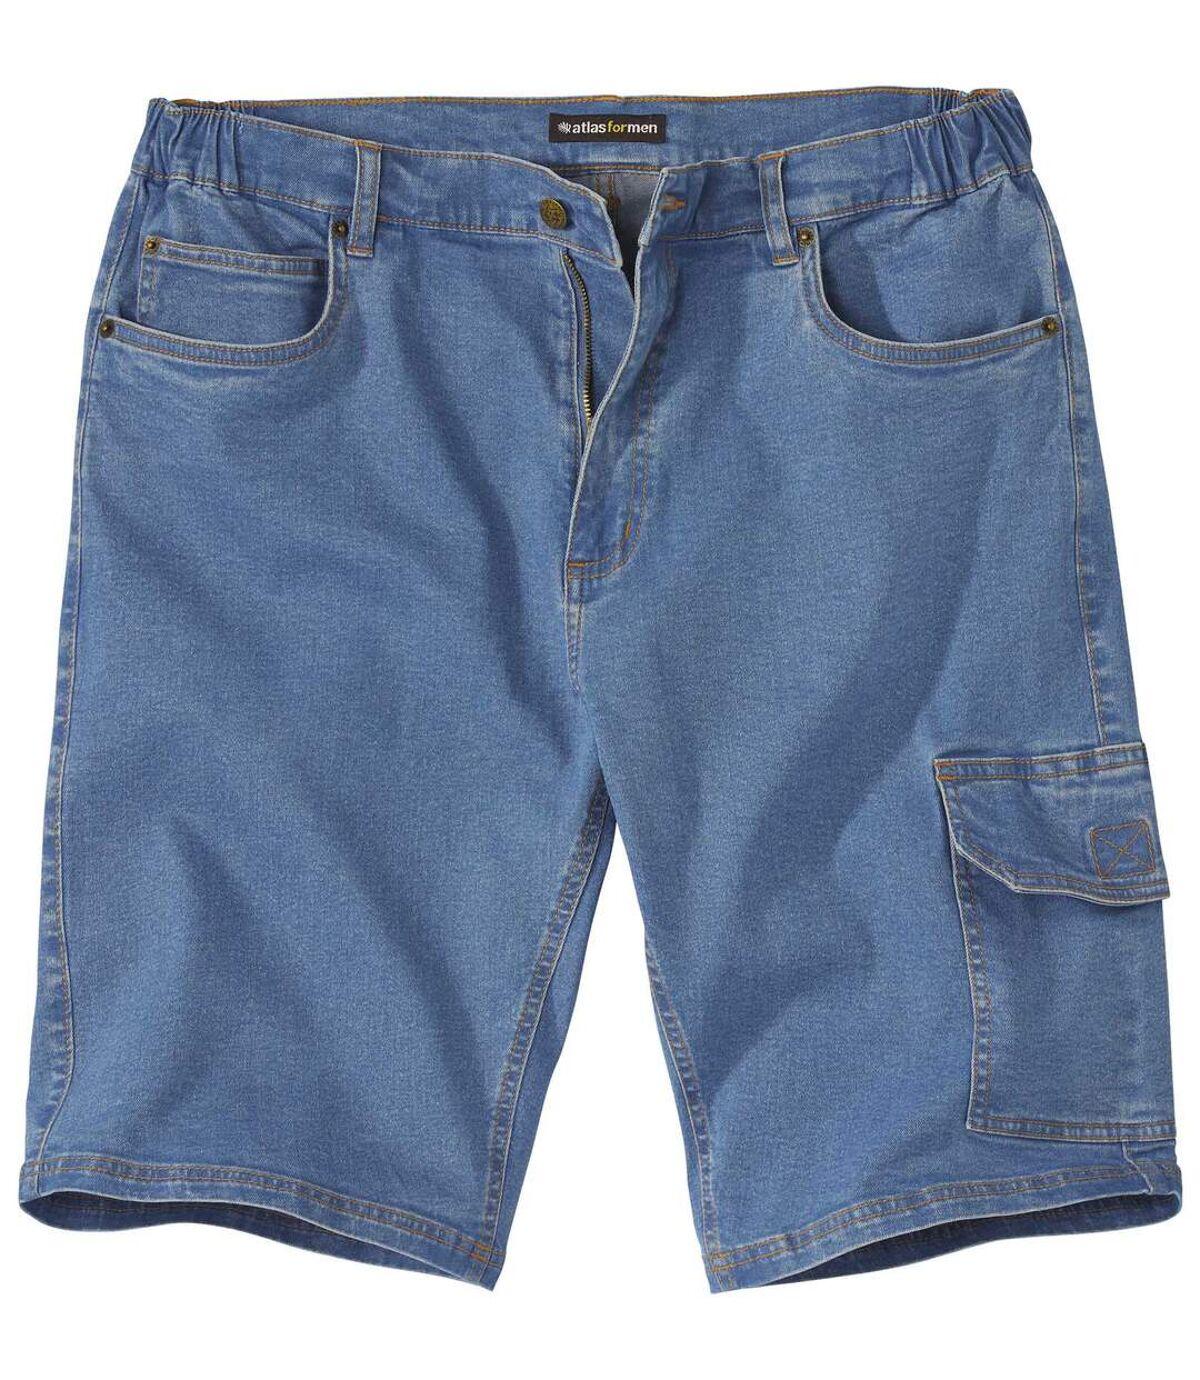 Wygodne jeansowe bermudy-bojówki ze stretchem Atlas For Men